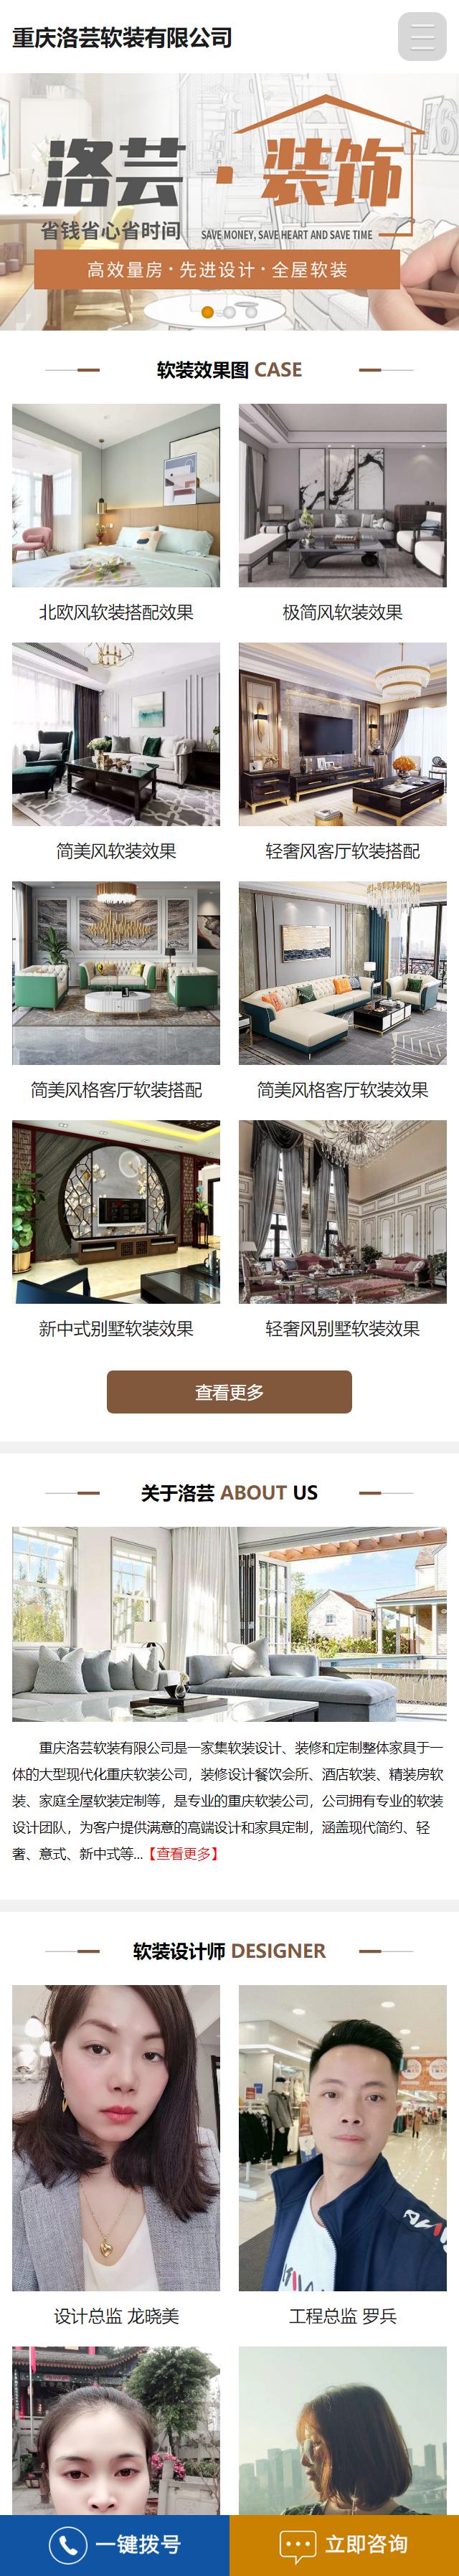 重庆洛芸软装有限公司手机站网站建设案例